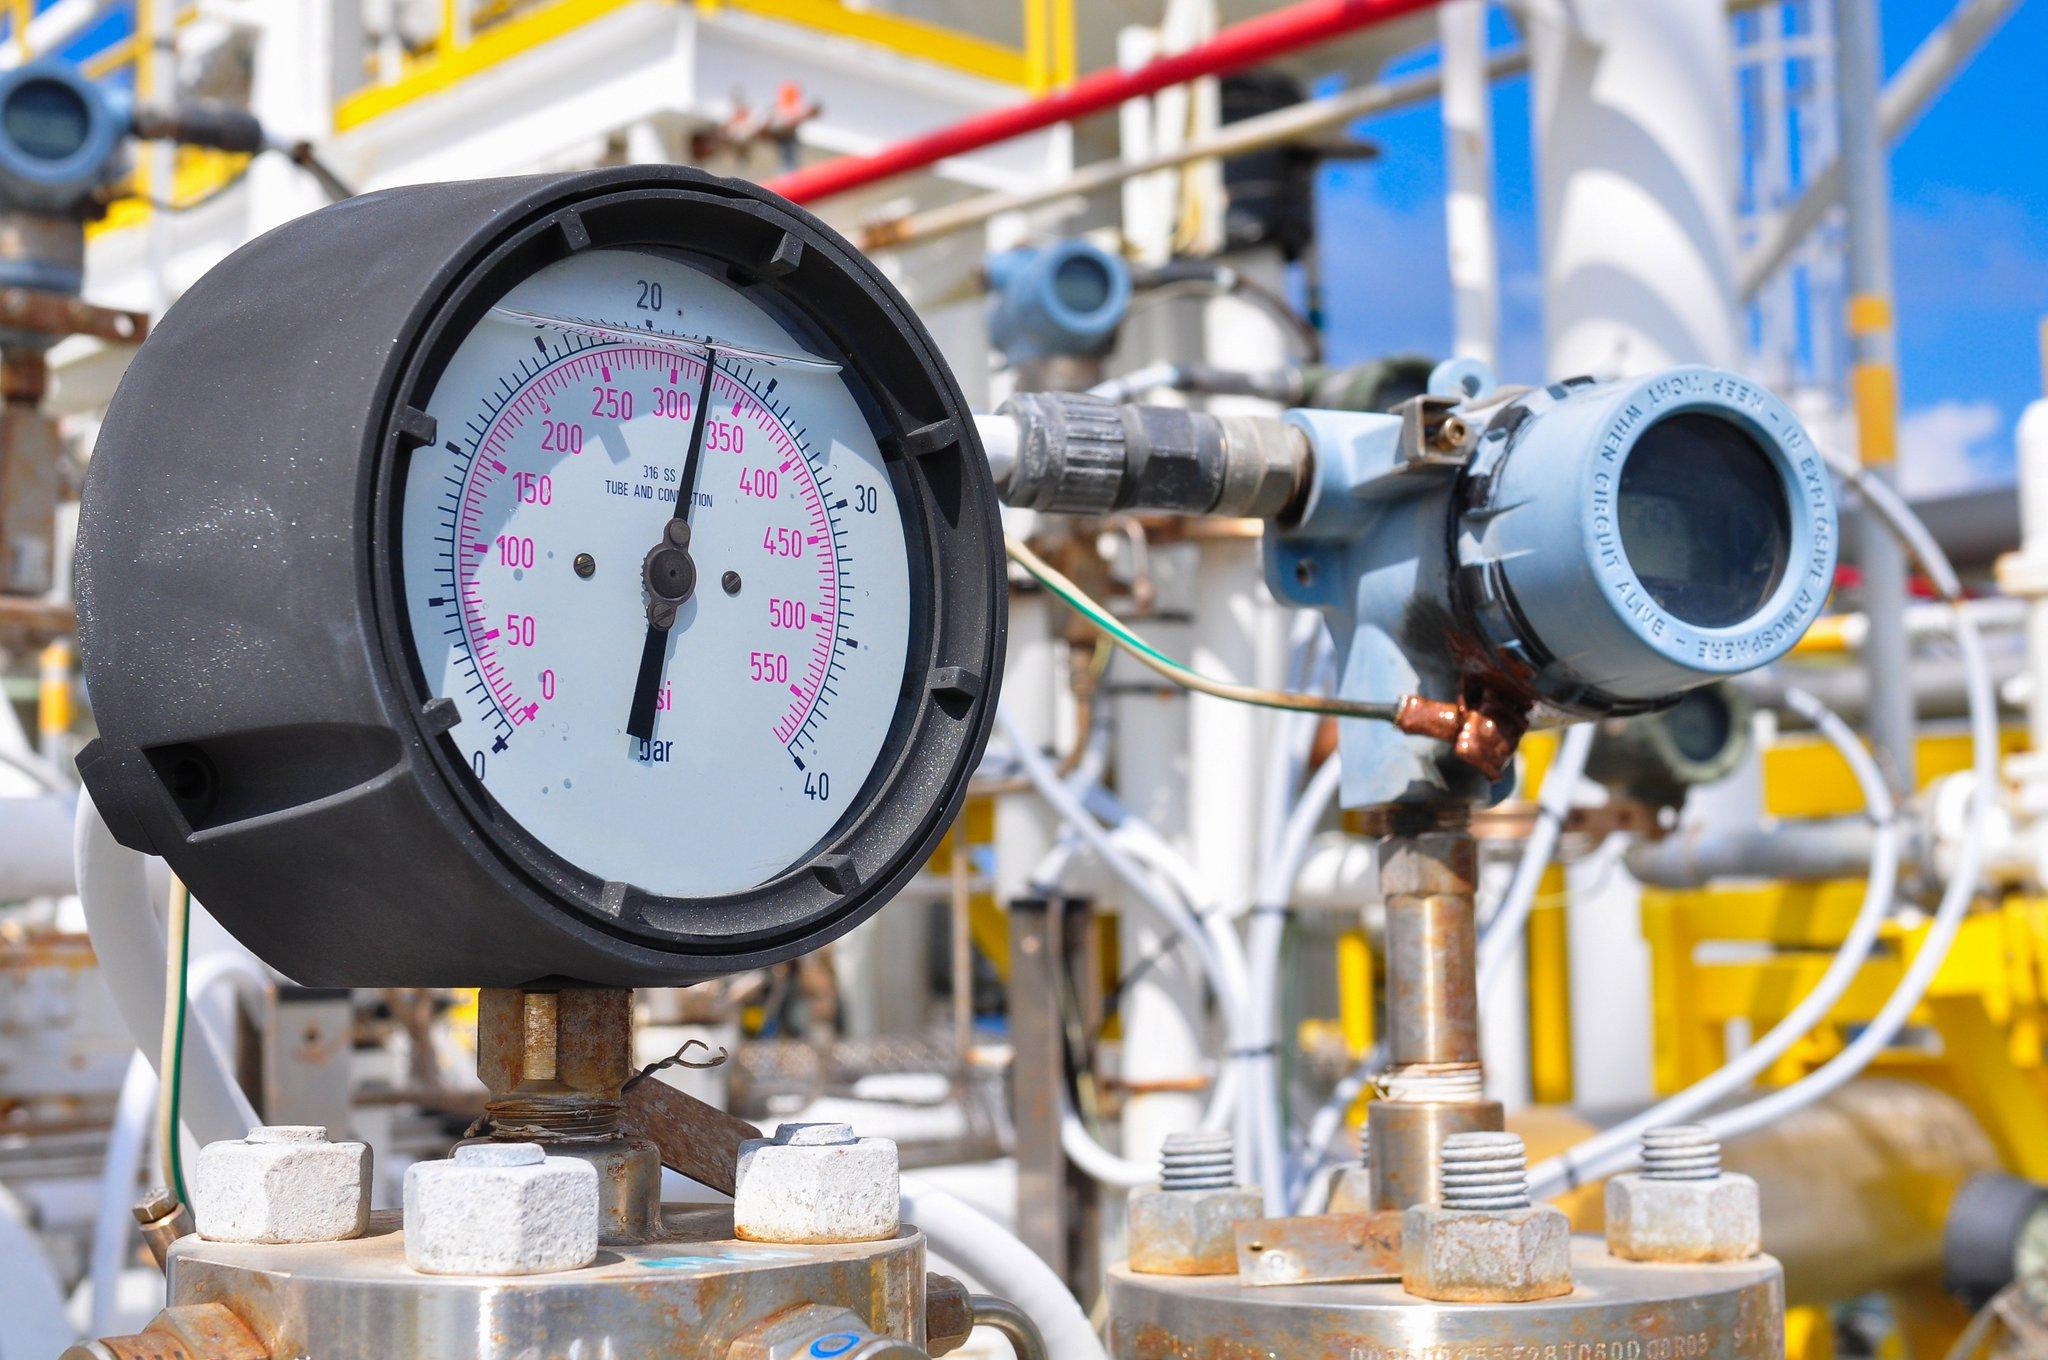 Требования промышленной безопасности при эксплуатации оборудования, работающего под давлением